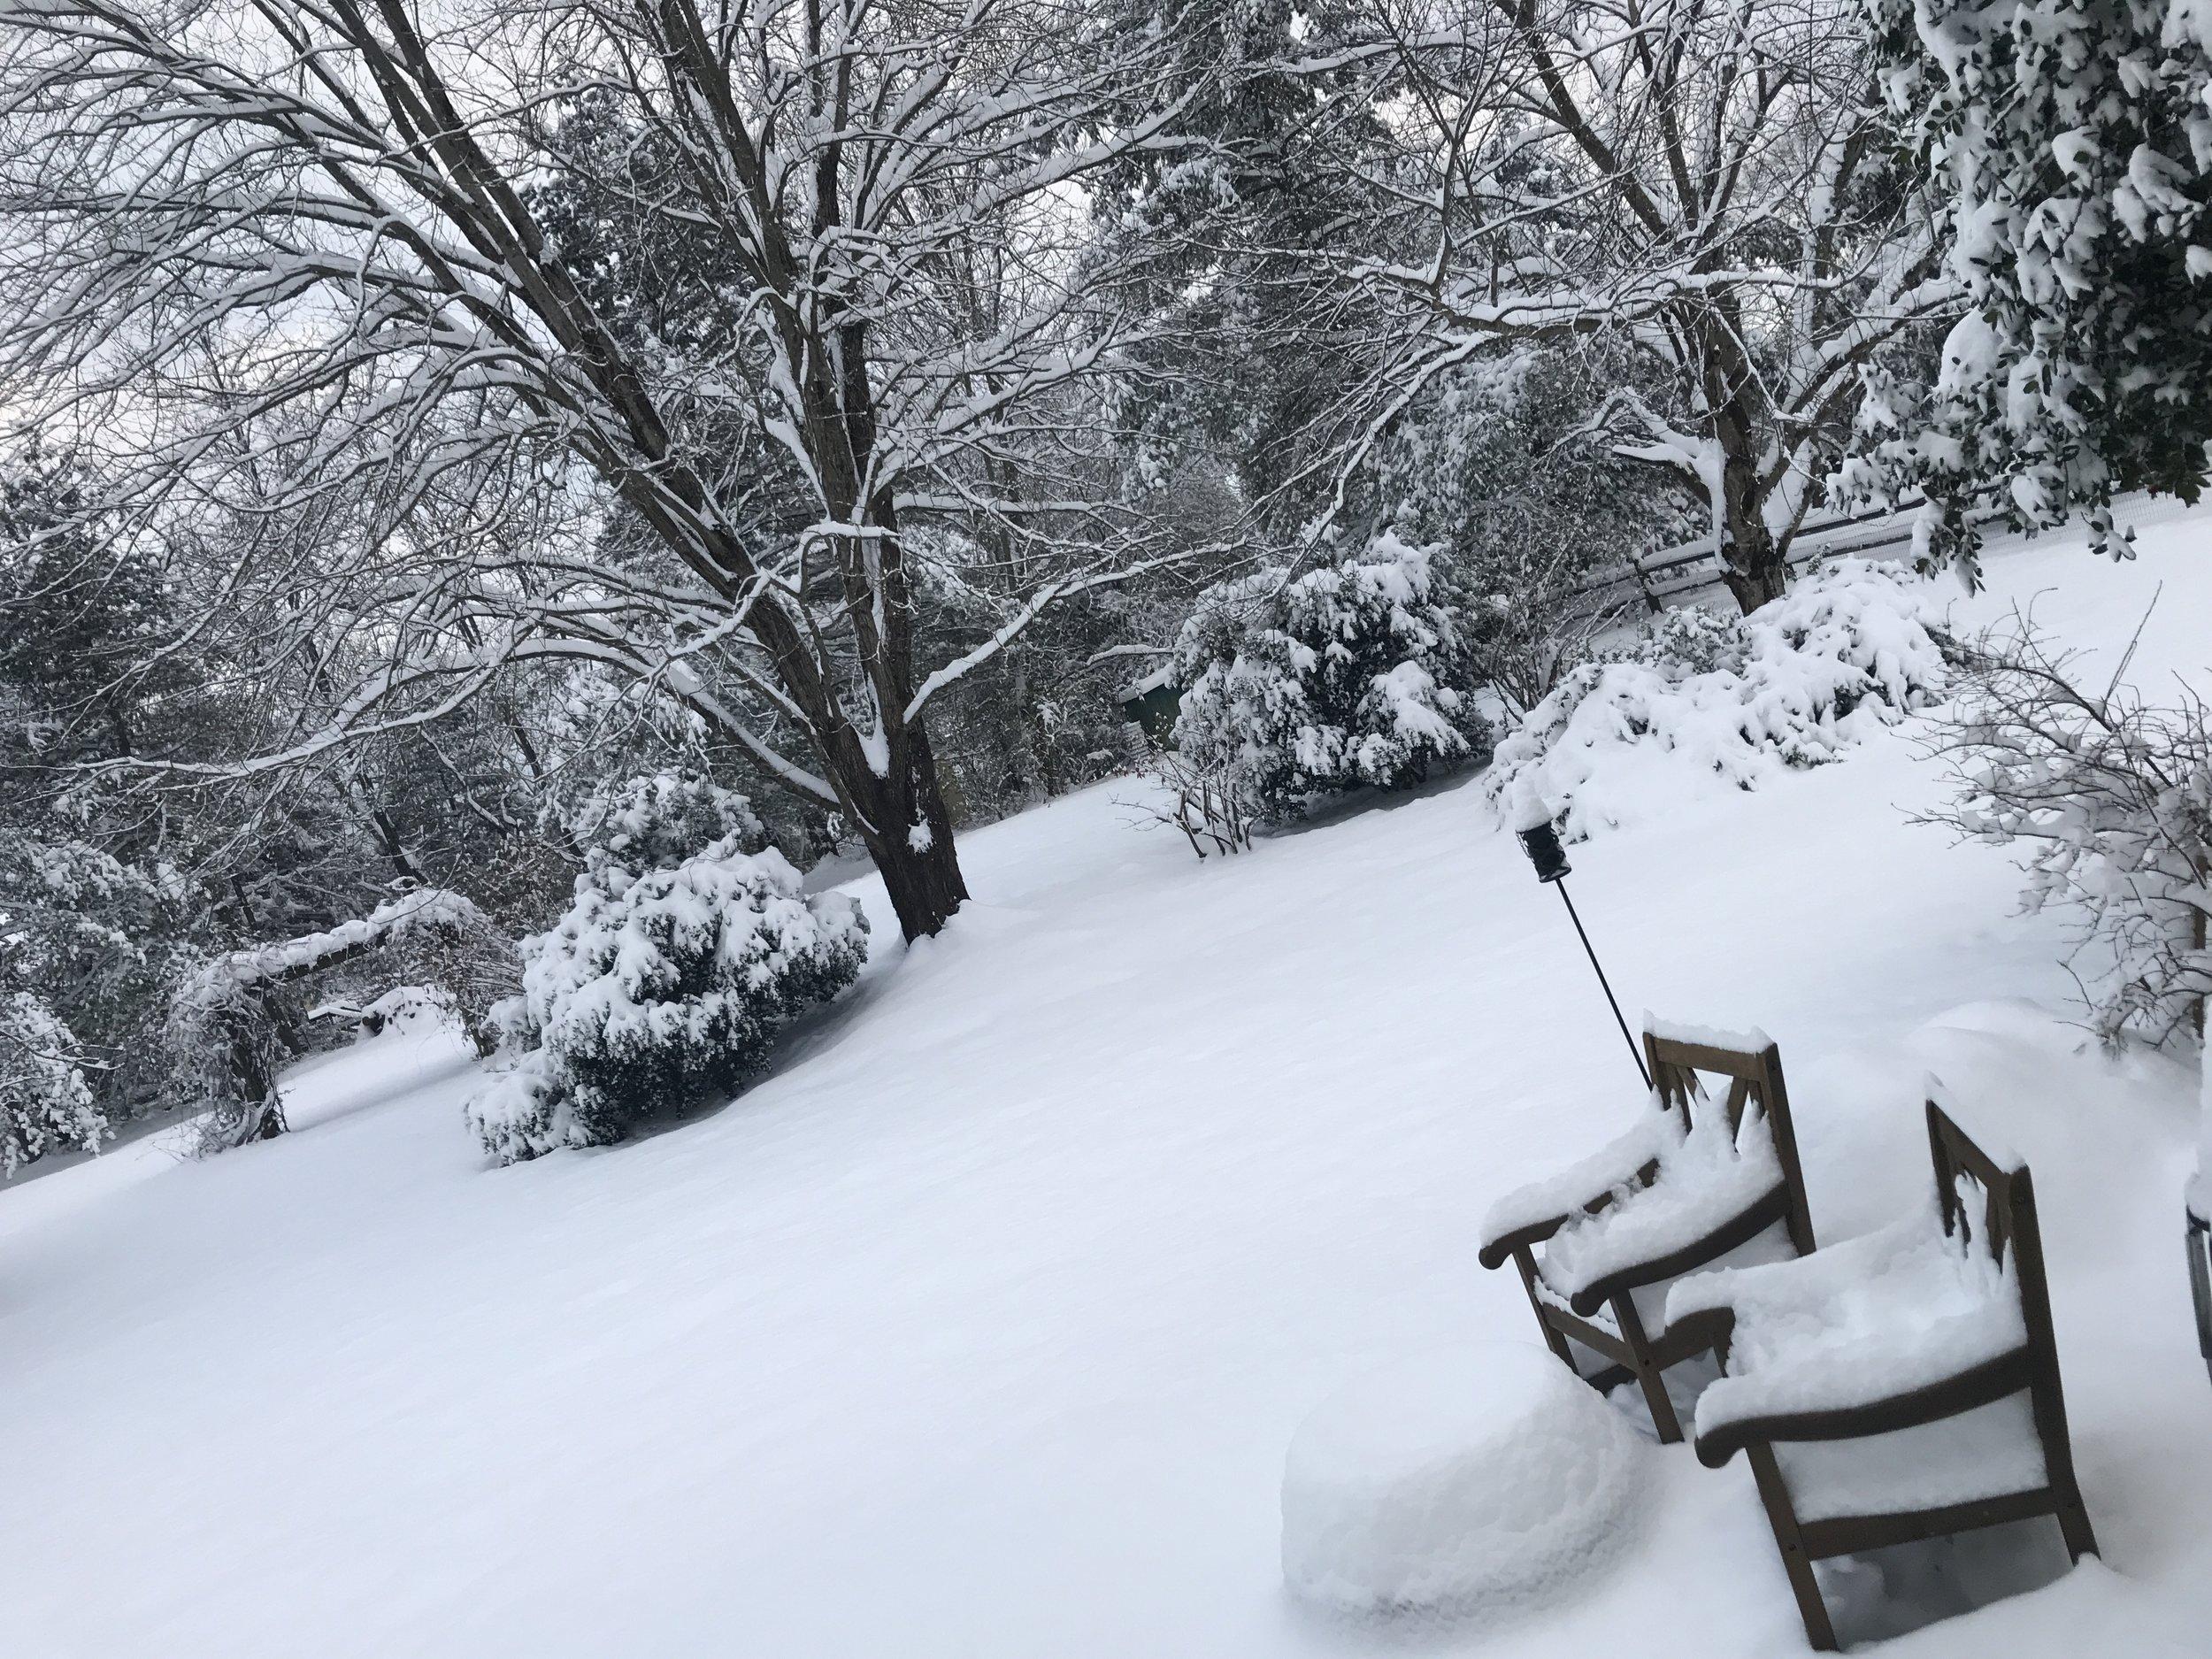 December 2018 snowfall